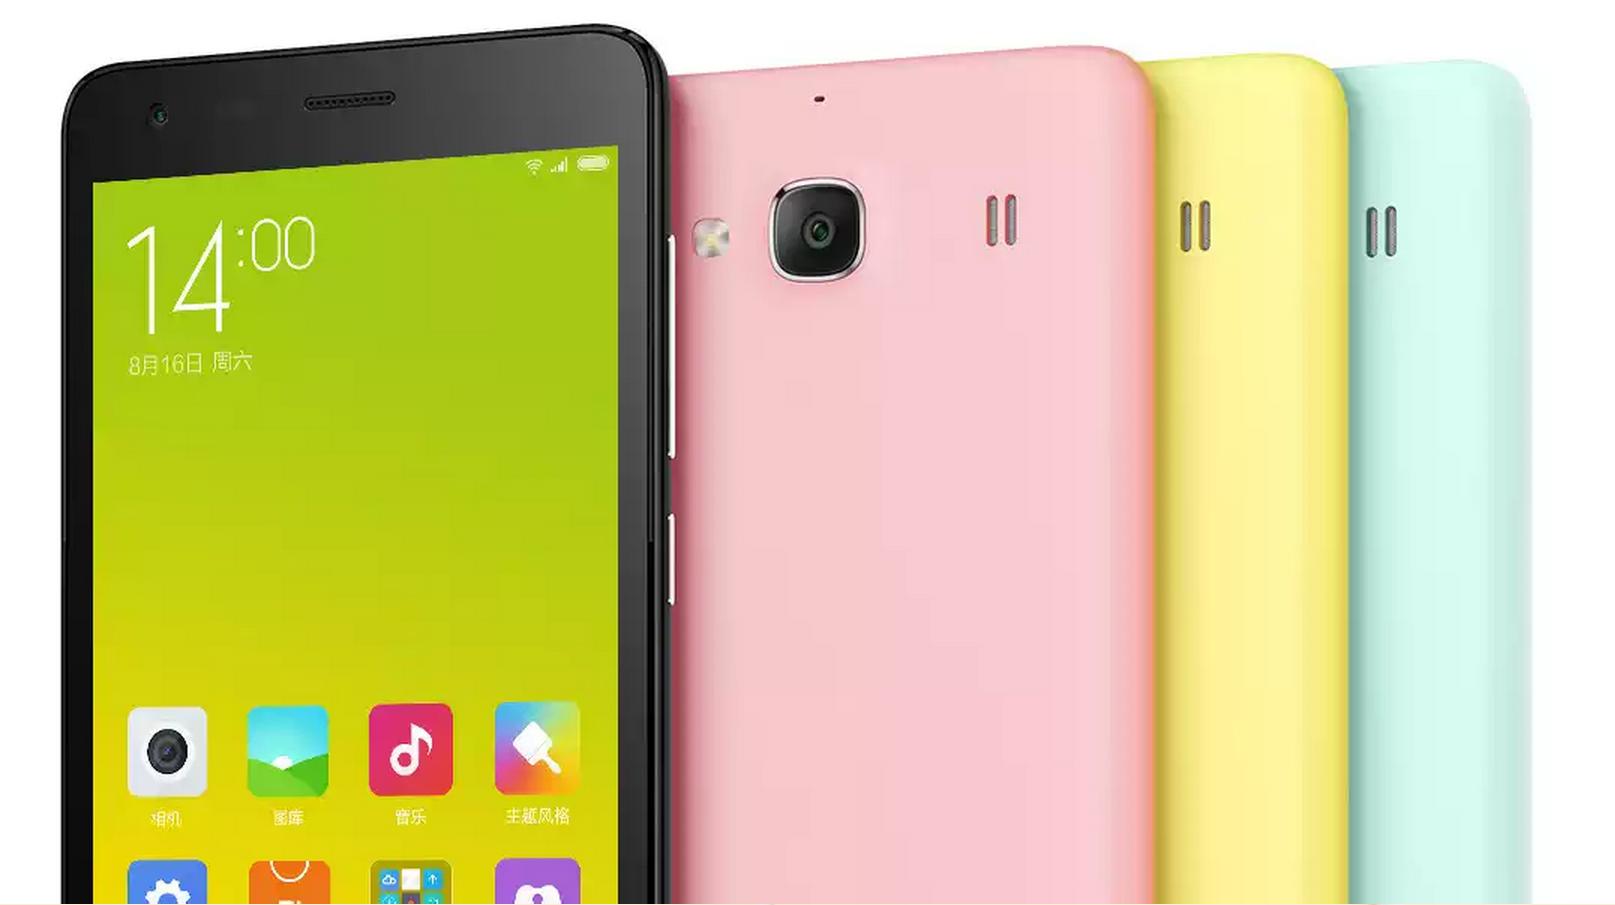 中国、Xiaomi低価格Androidスマートフォン「Redmi 2A」を発表